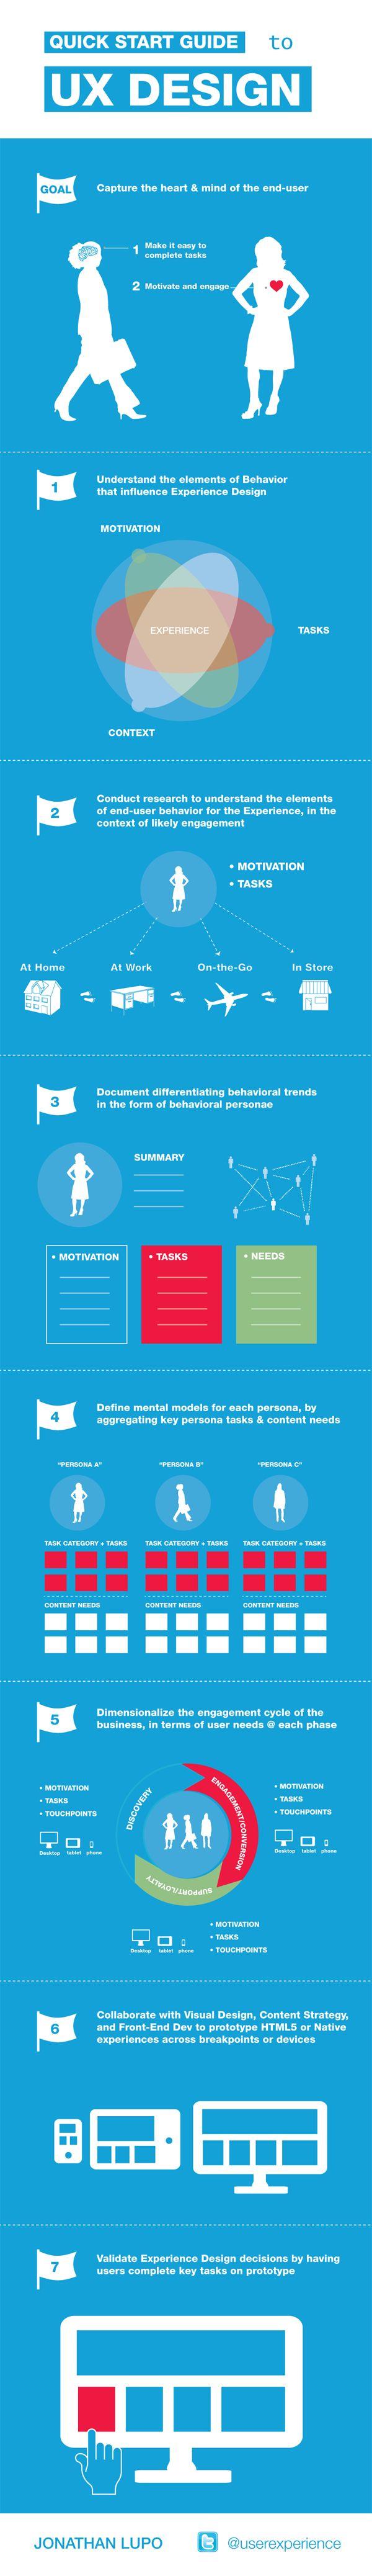 Comment concevoir l'expérience utilisateur : un guide pratique #UX   #infographics repinned by @Piktochart